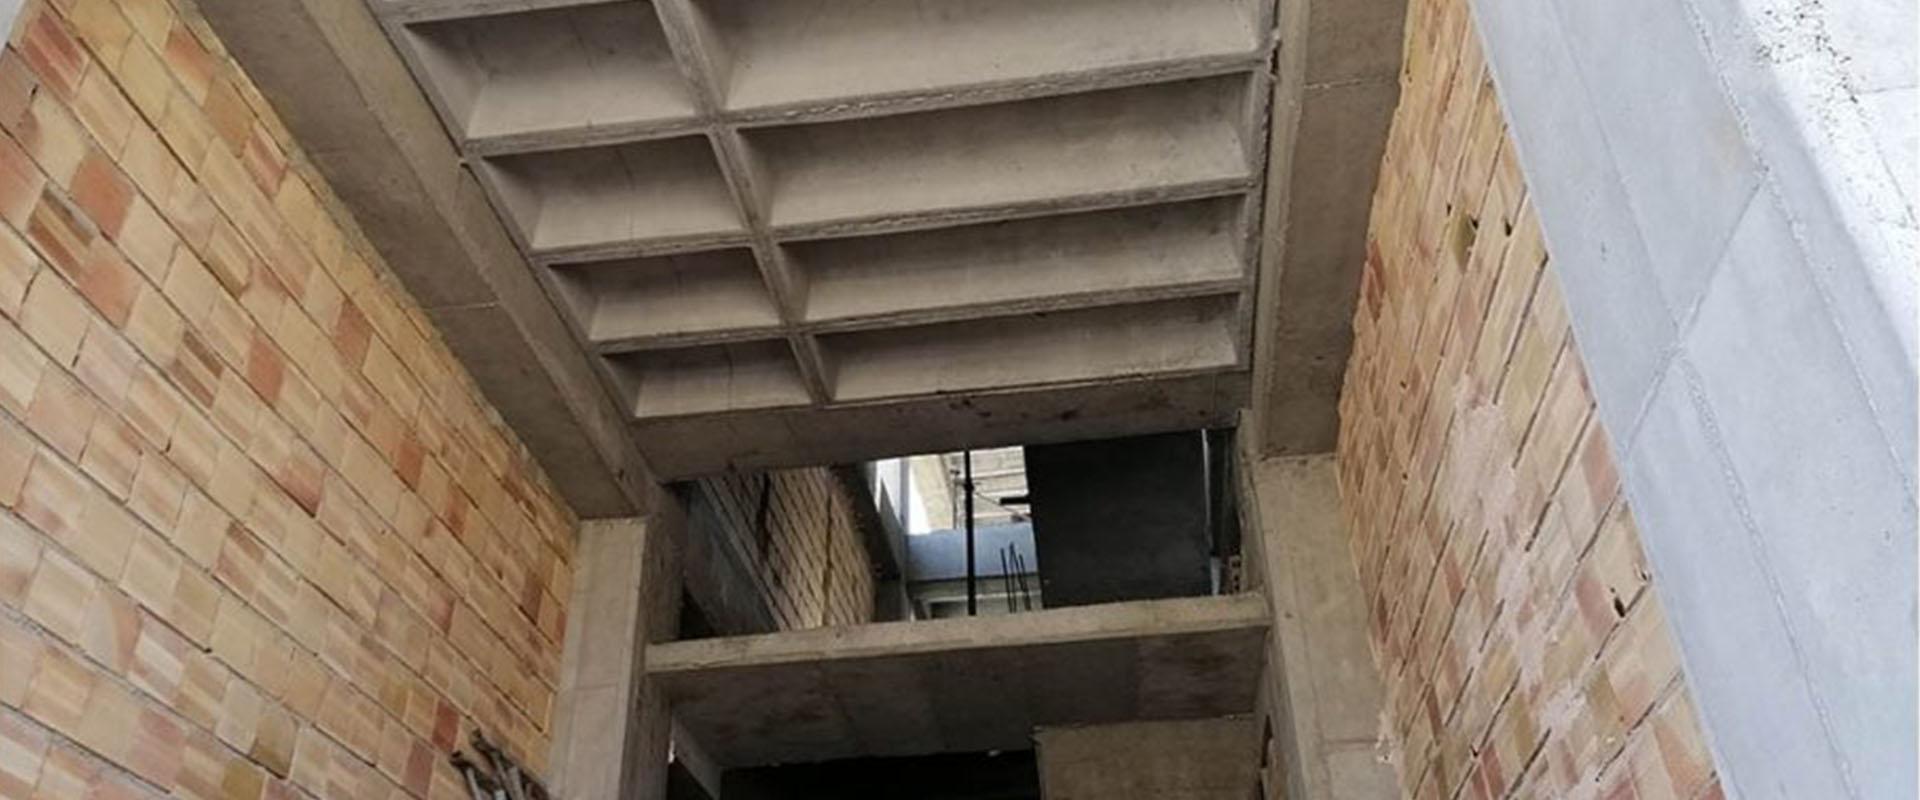 آنالیز قیمت سقف وافل در پروژههای ساختمانی